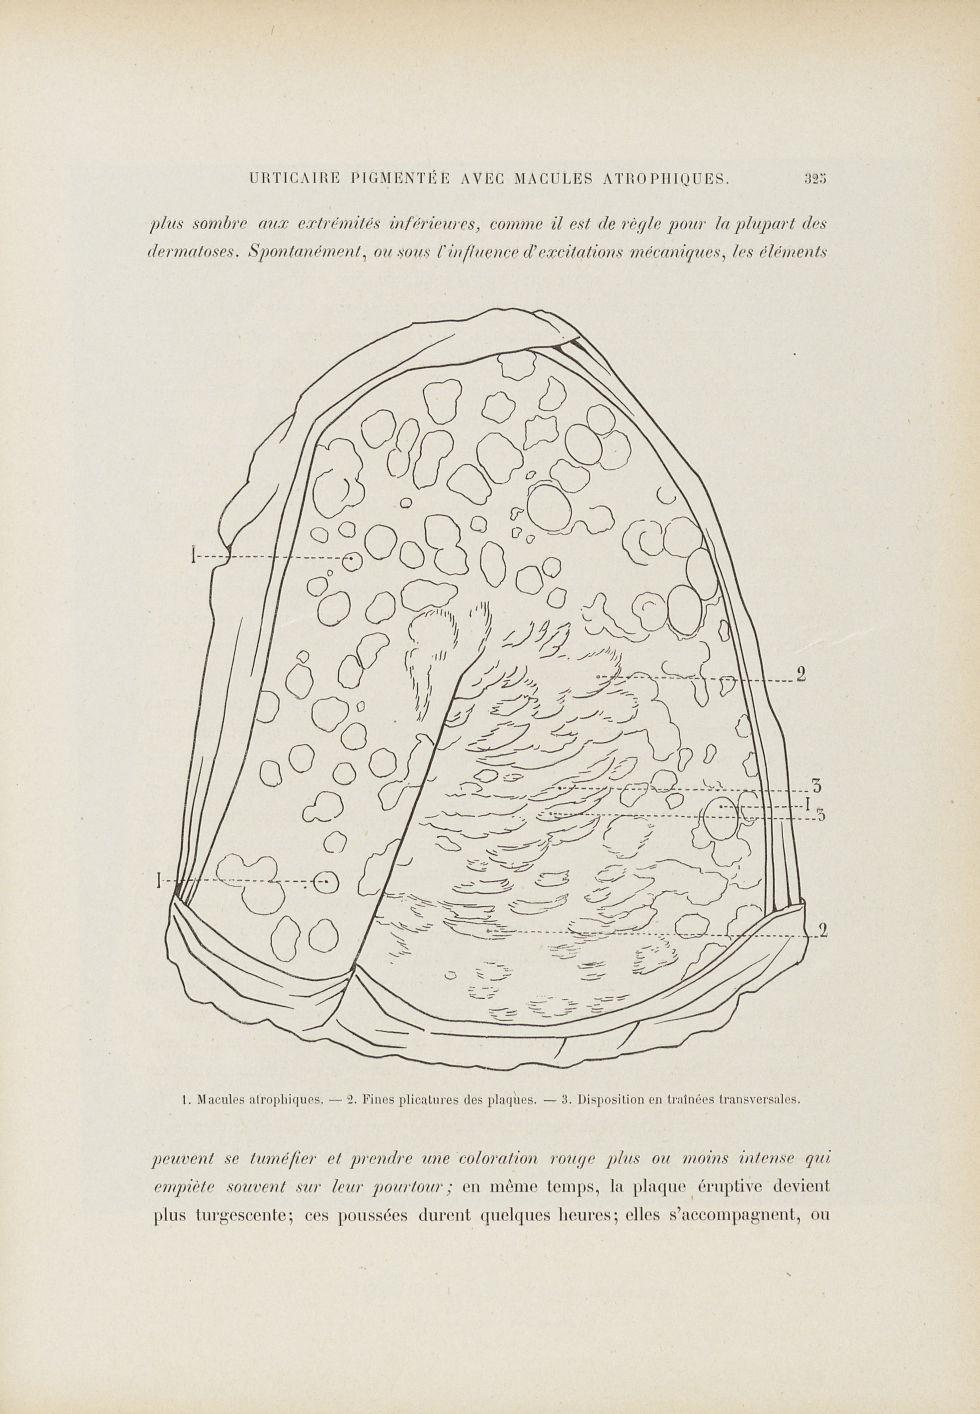 Urticaire pigmentaire - Le musée de l'hôpital Saint-Louis : iconographie des maladies cutanées et sy [...] - Dermatologie (peau). Dos. Membres supérieurs. Épaules, bras. 19e siècle (France) - med01740x0381